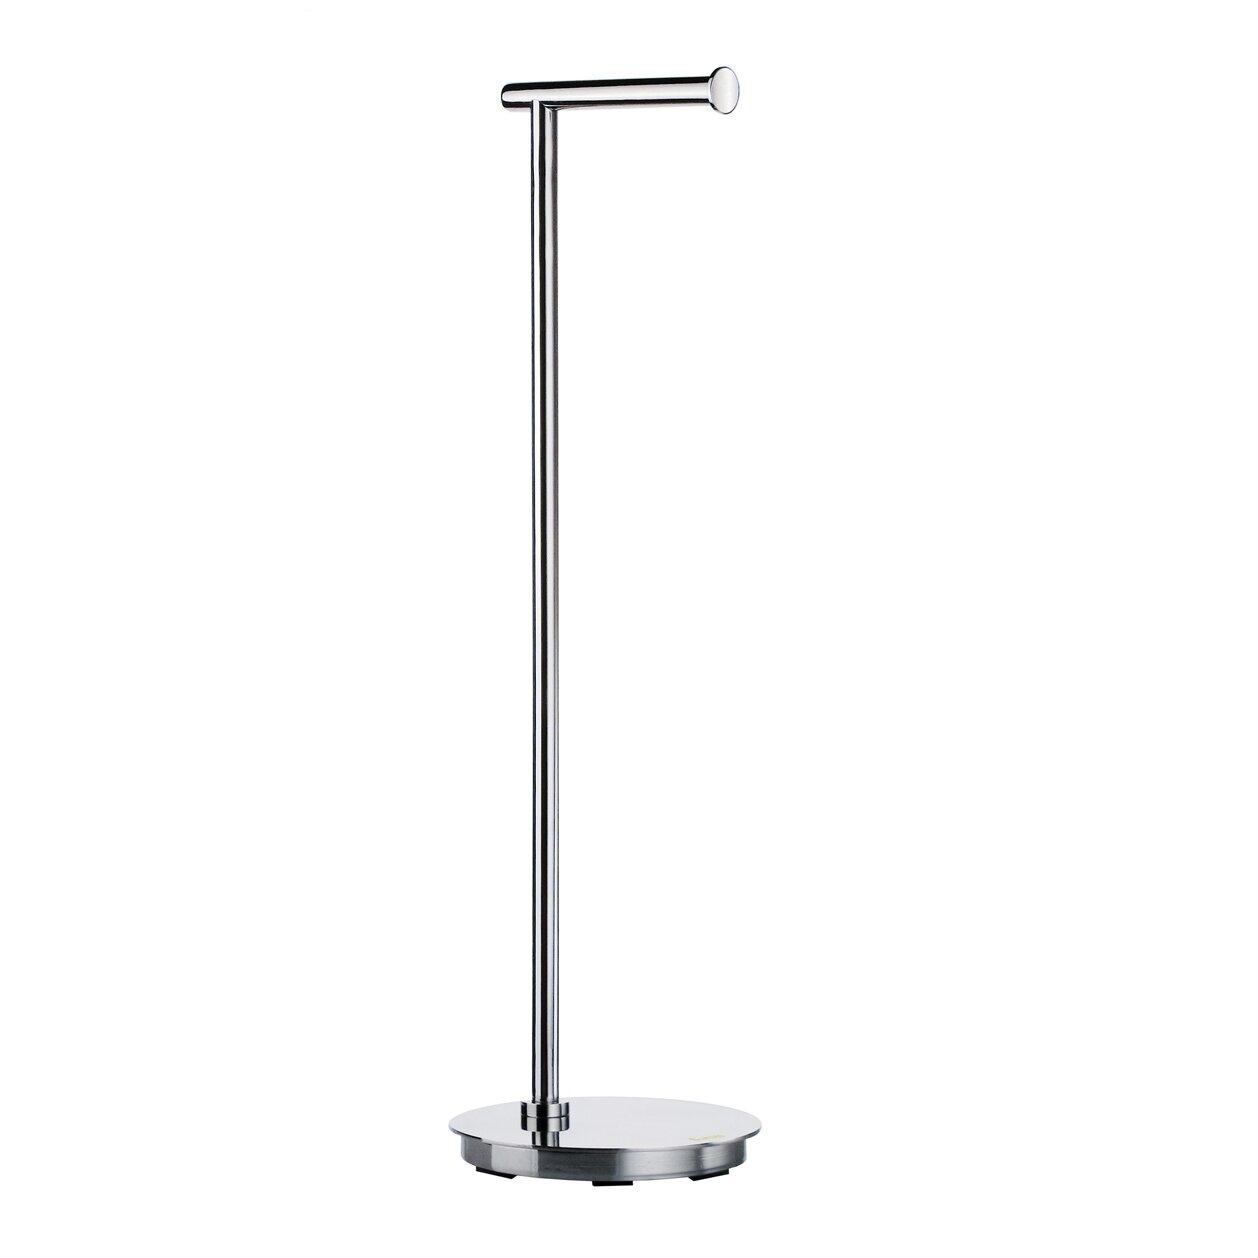 Smedbo Outline Lite Freestanding Toilet Roll Holder